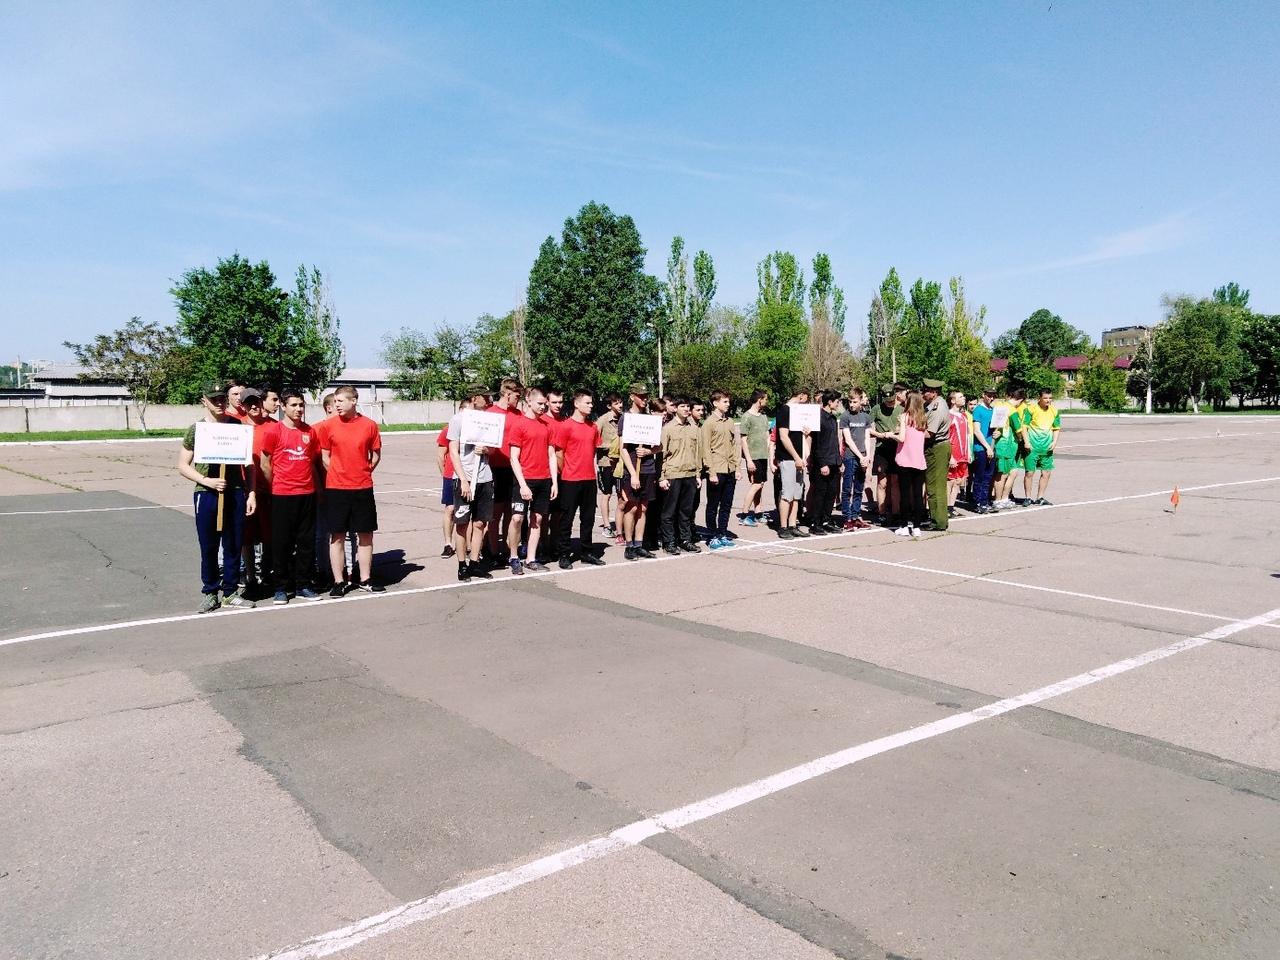 В Донецке состоялся городской отборочный этап первенства по военно-прикладному многоборью среди допризывной молодёжи города